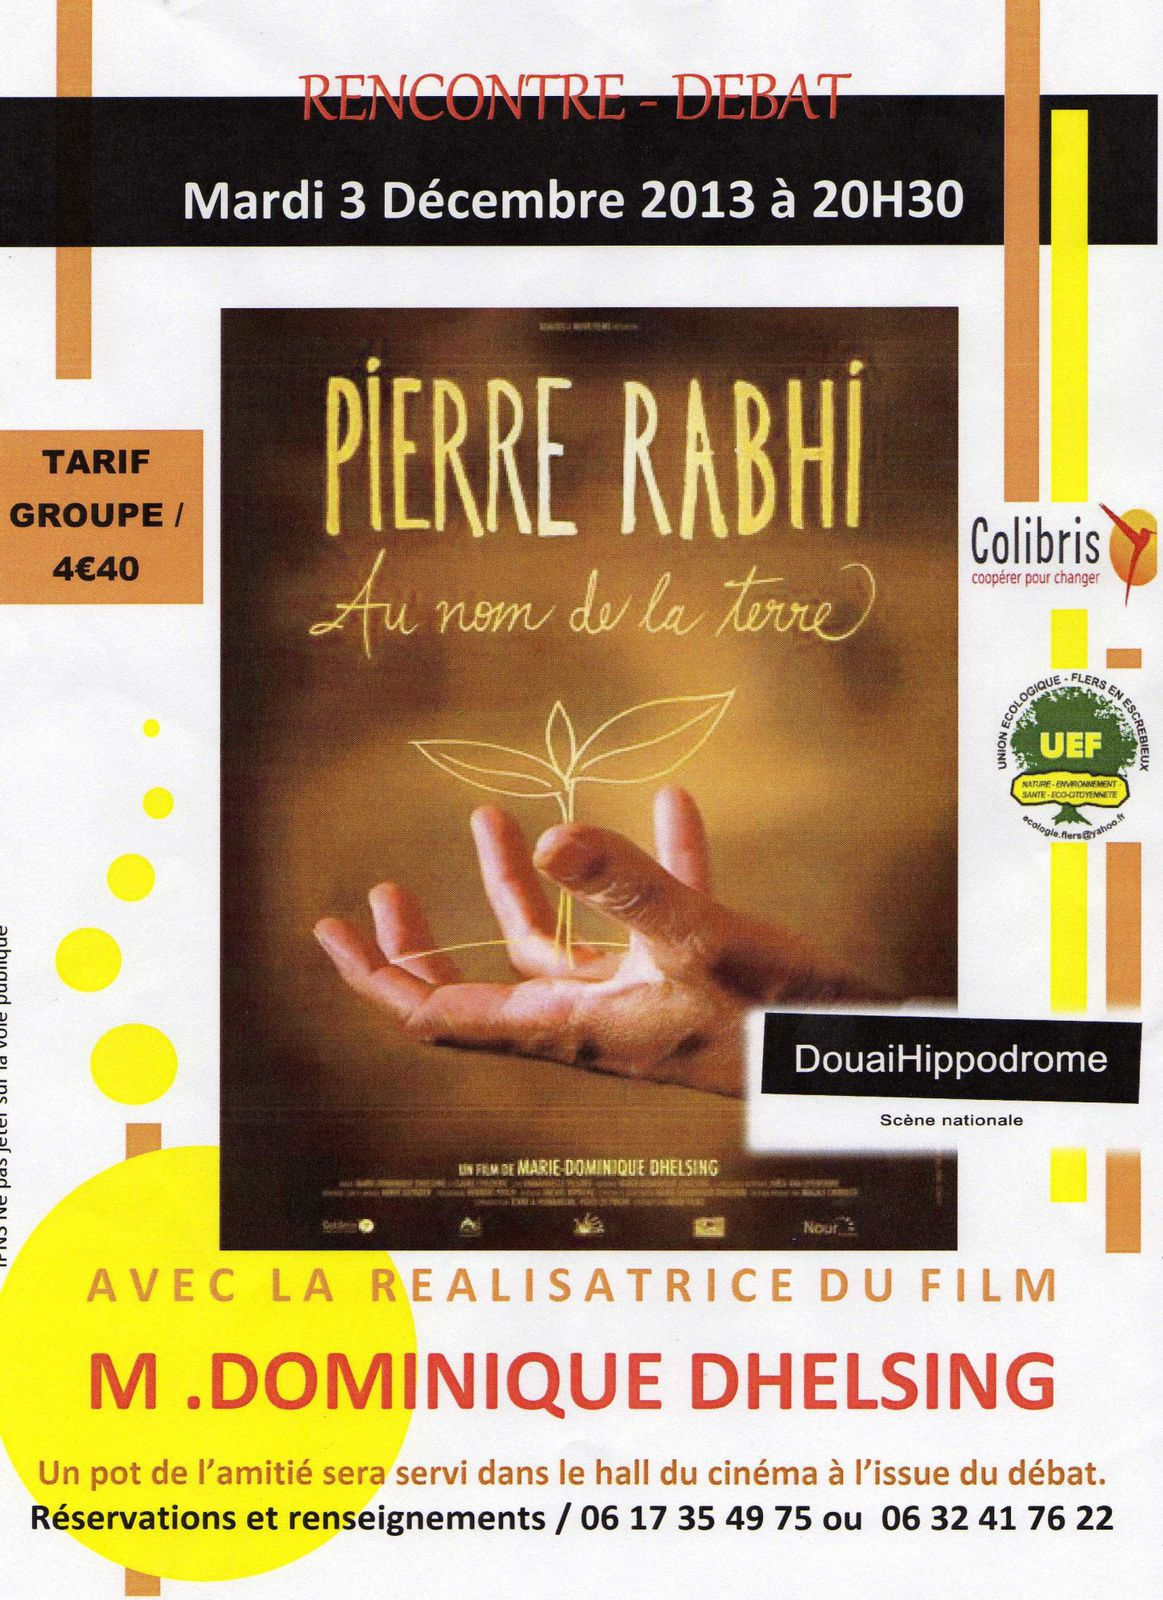 Pierre Rabhi : Au nom de la terre le 03/12/13 à Douais